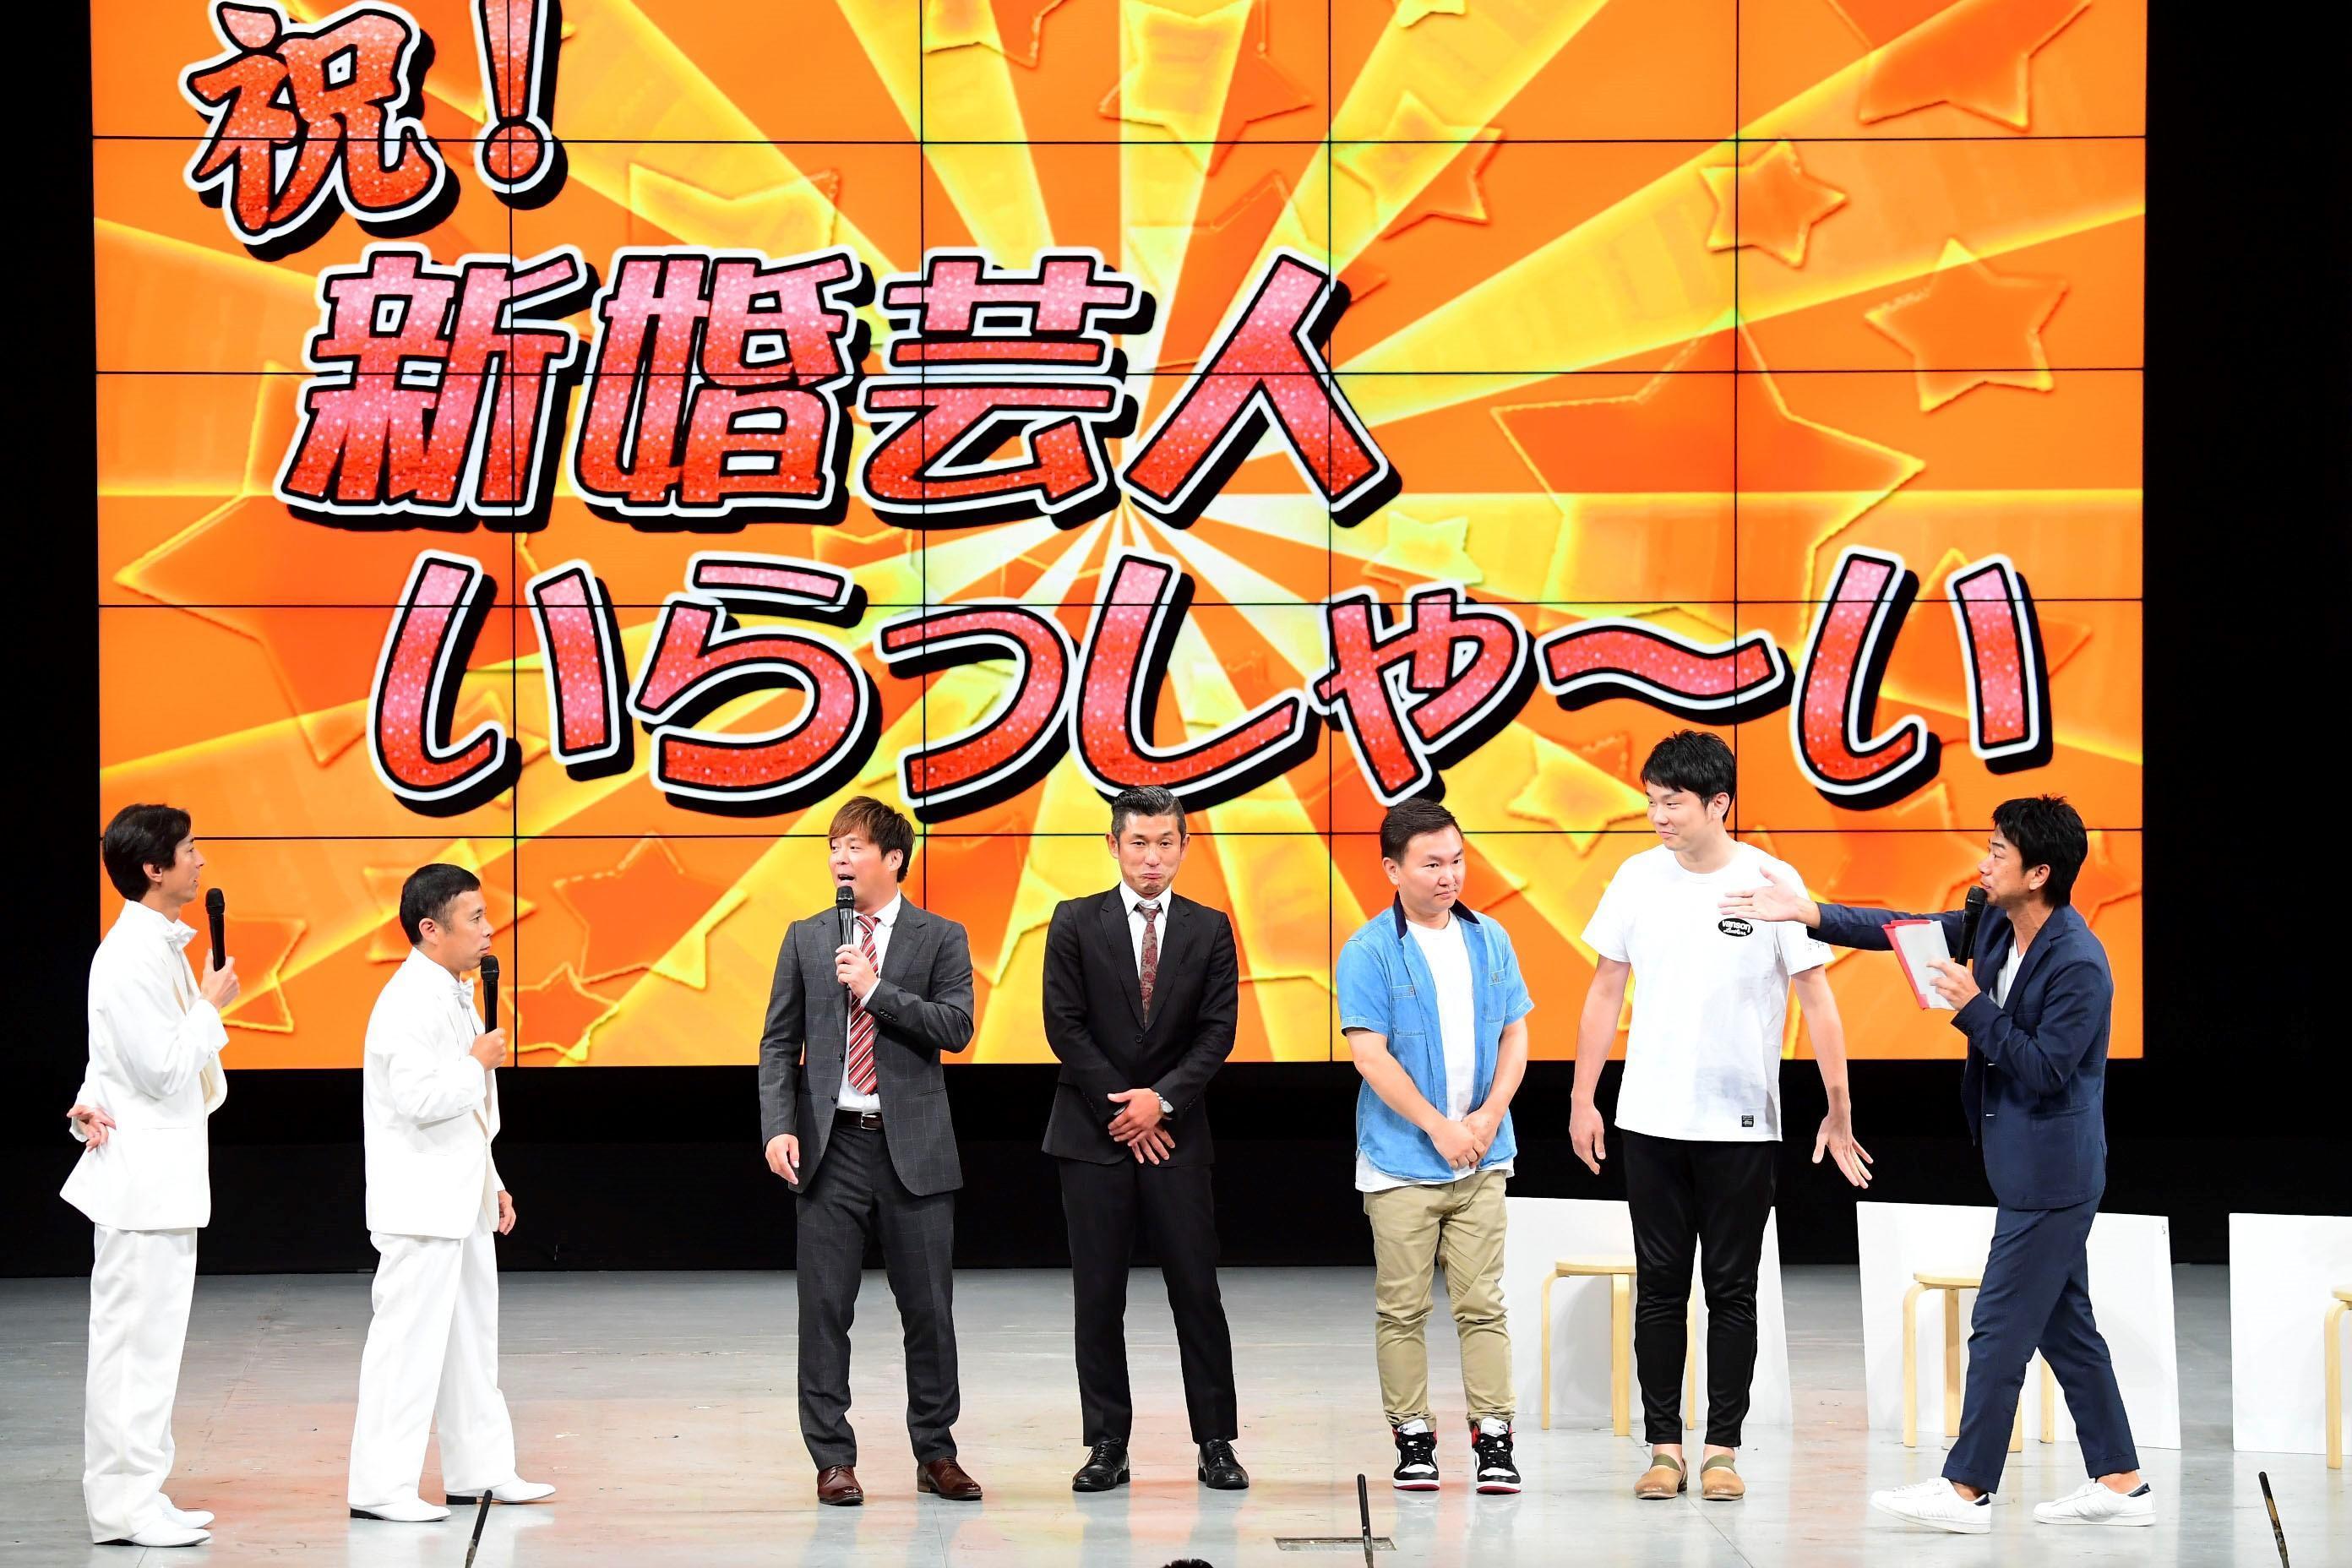 http://news.yoshimoto.co.jp/20170929192048-92c16c336c853efb6d9c7f4203d03f33470183e9.jpg